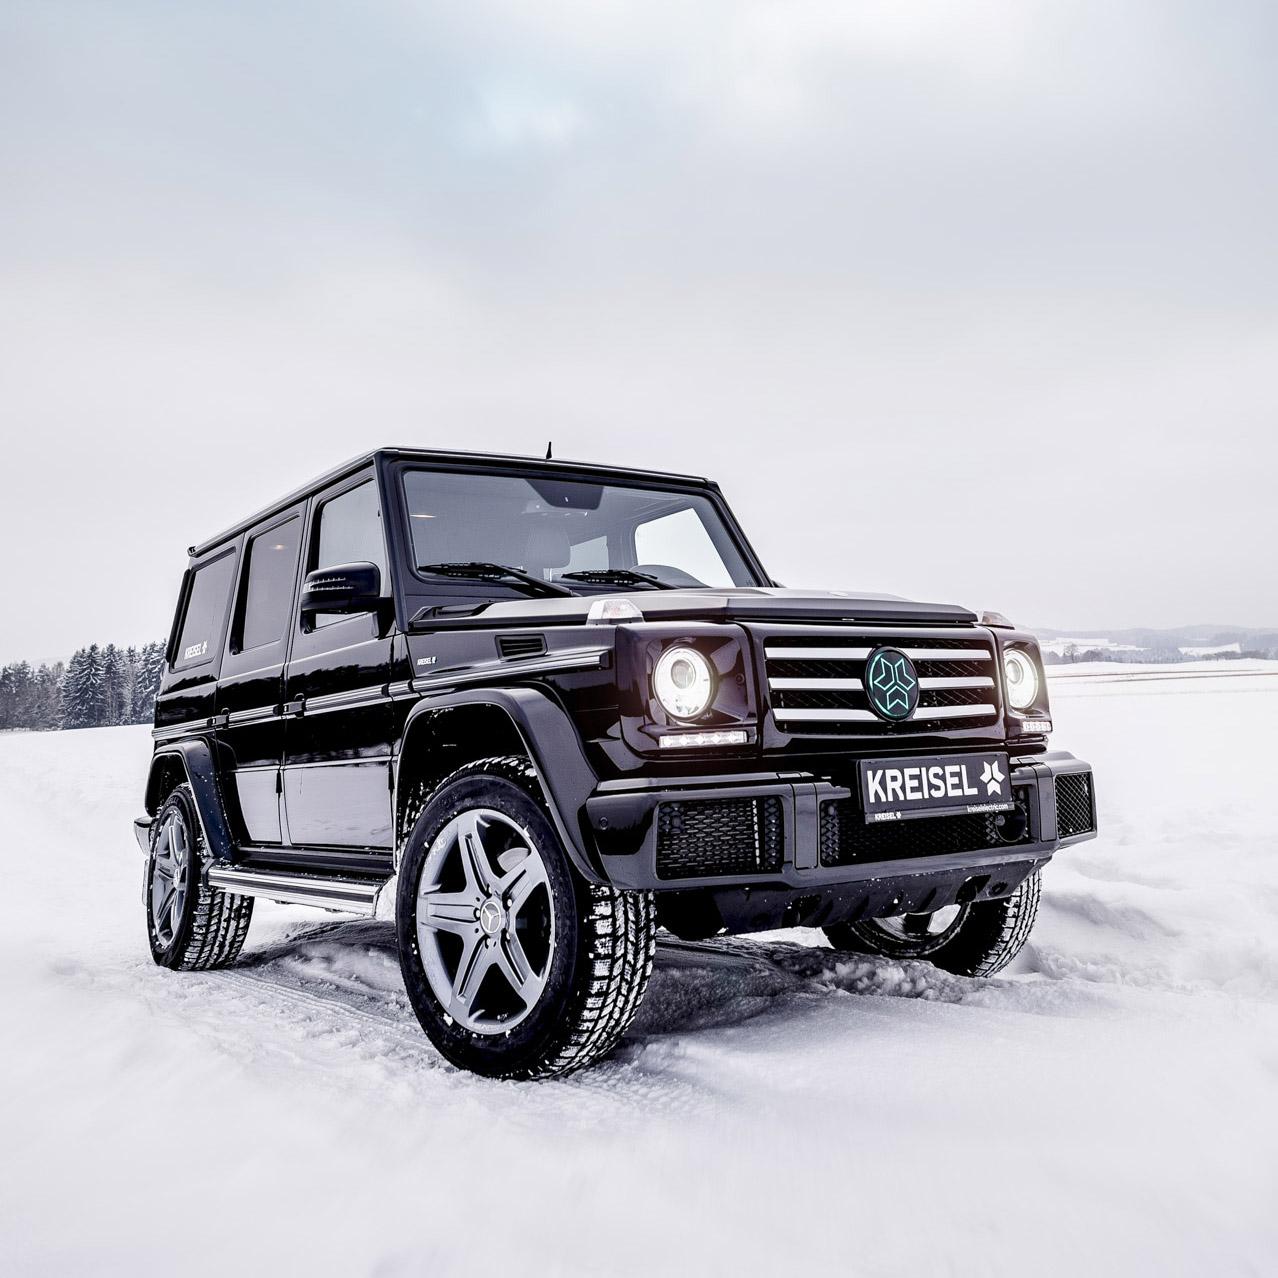 Mercedes-Benz G-класса с его прожорливыми двигателями и «квадратной» формой кузова не слишком соответствует всеобщей тенденции к экологичности и экономичности. Немцы придумали радикальный способ подогнать «Гелик» под современные требования: внедорожник может превратиться в электрокар.